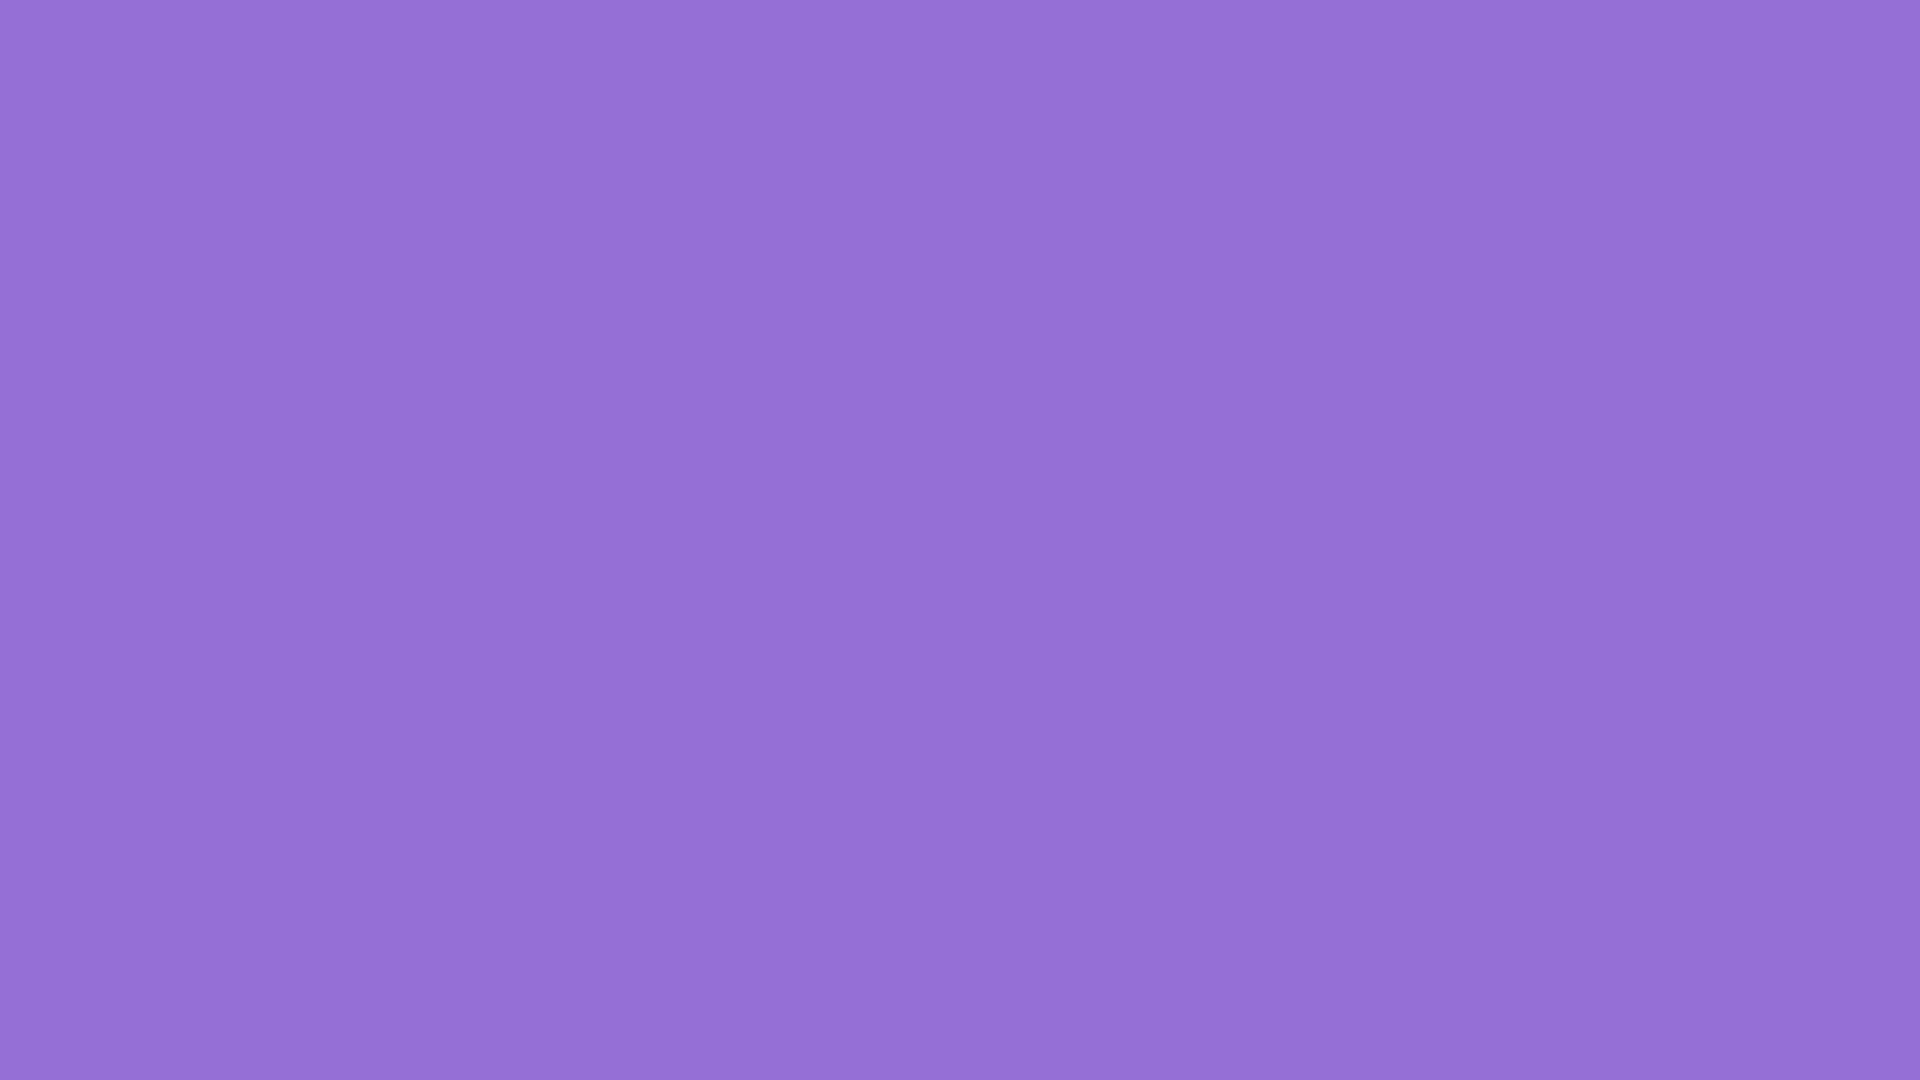 … dark purple backgrounds wallpaper cave; blue wallpaper plain color …